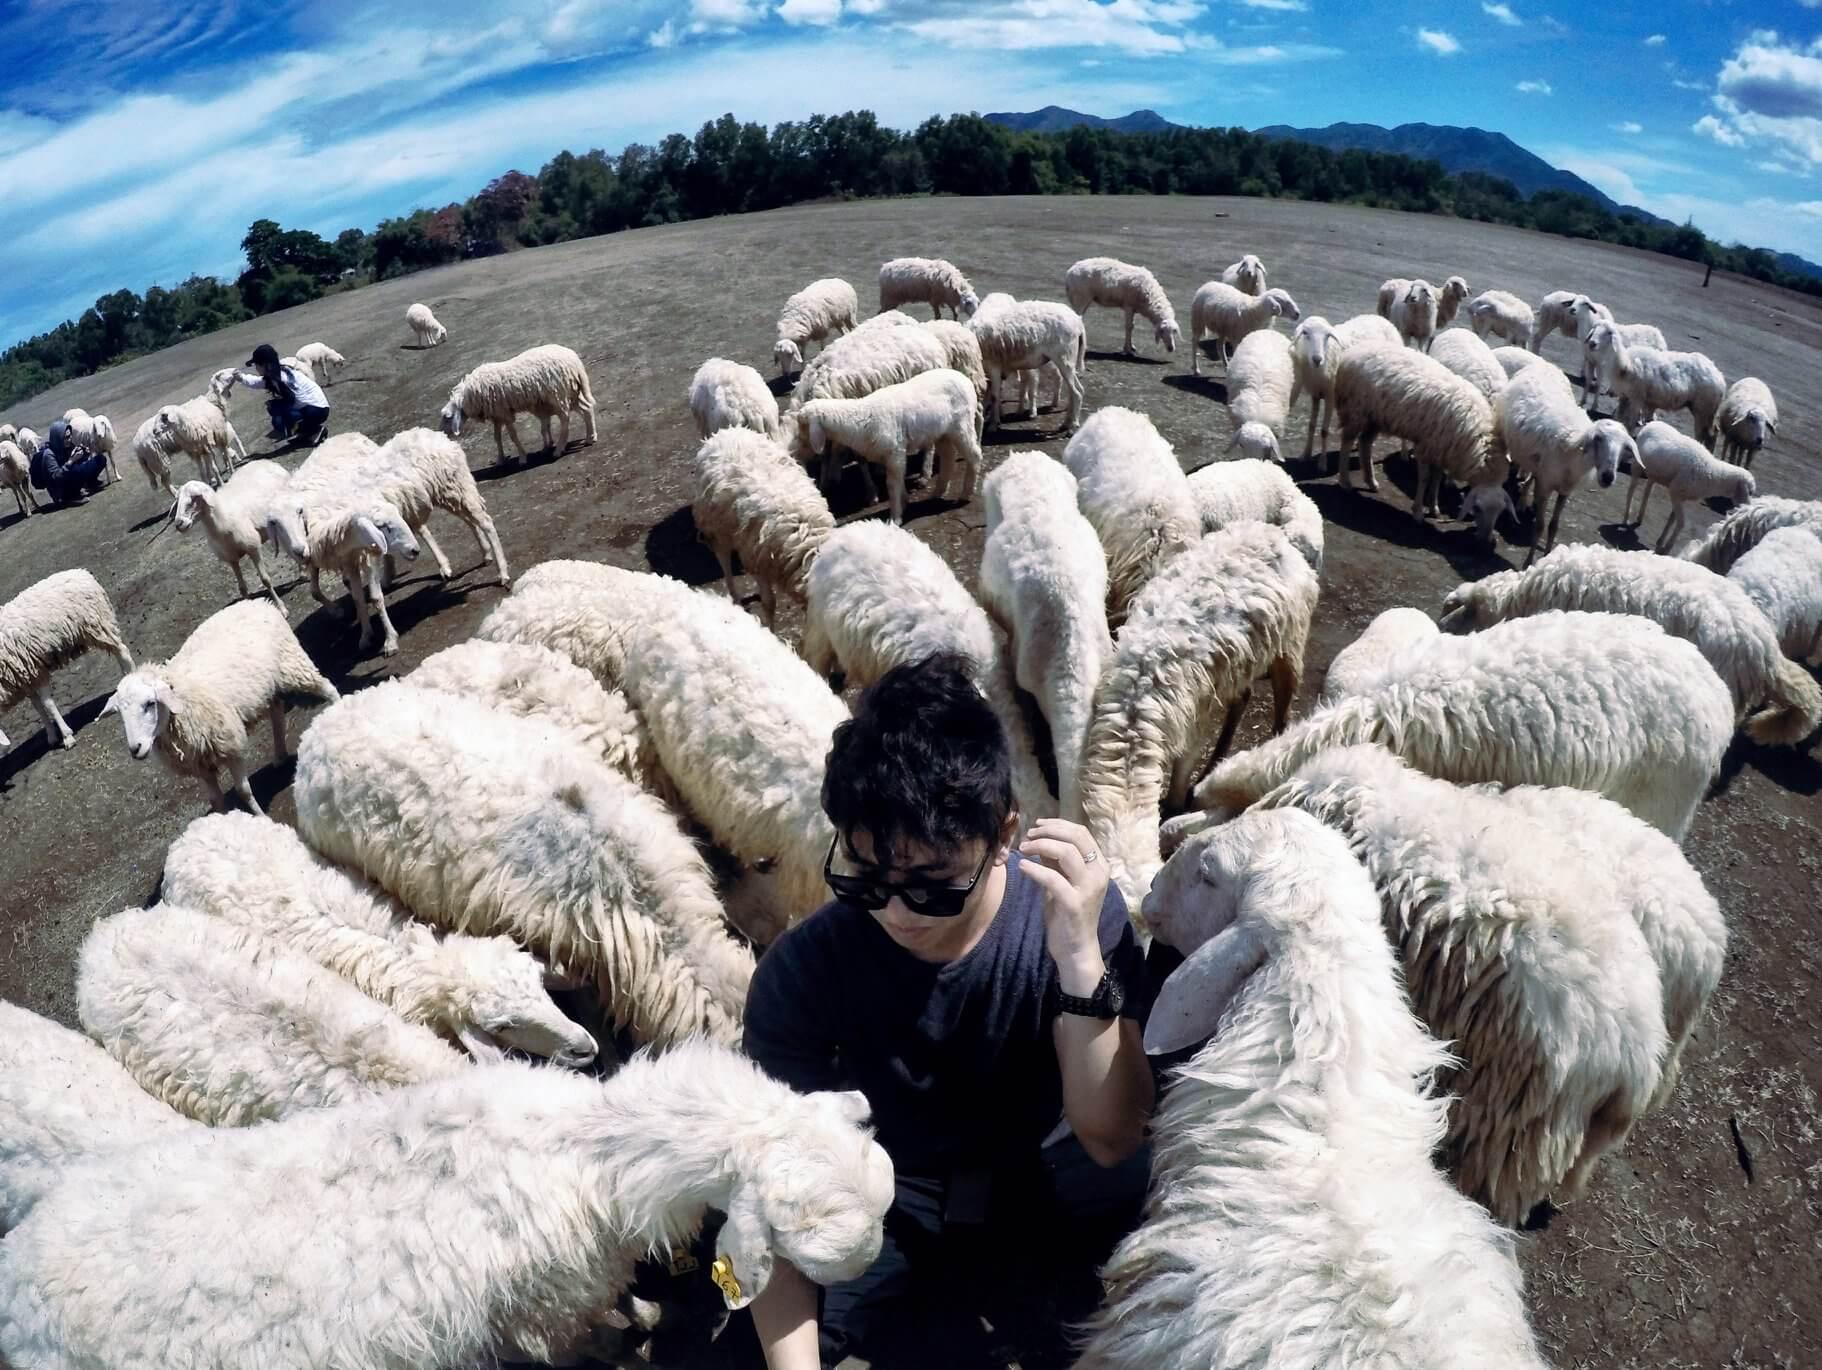 Đồng cừu Suối Nghệ Vũng Tàu